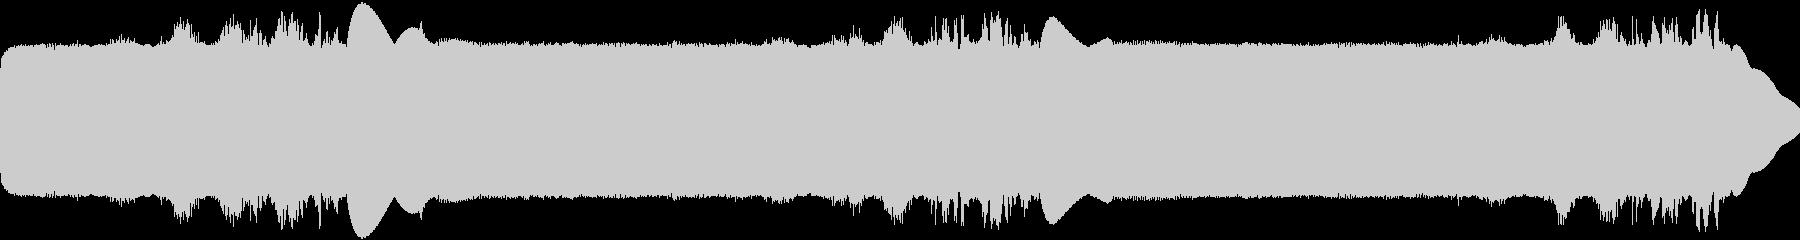 ランダム合成0609 ZGの未再生の波形